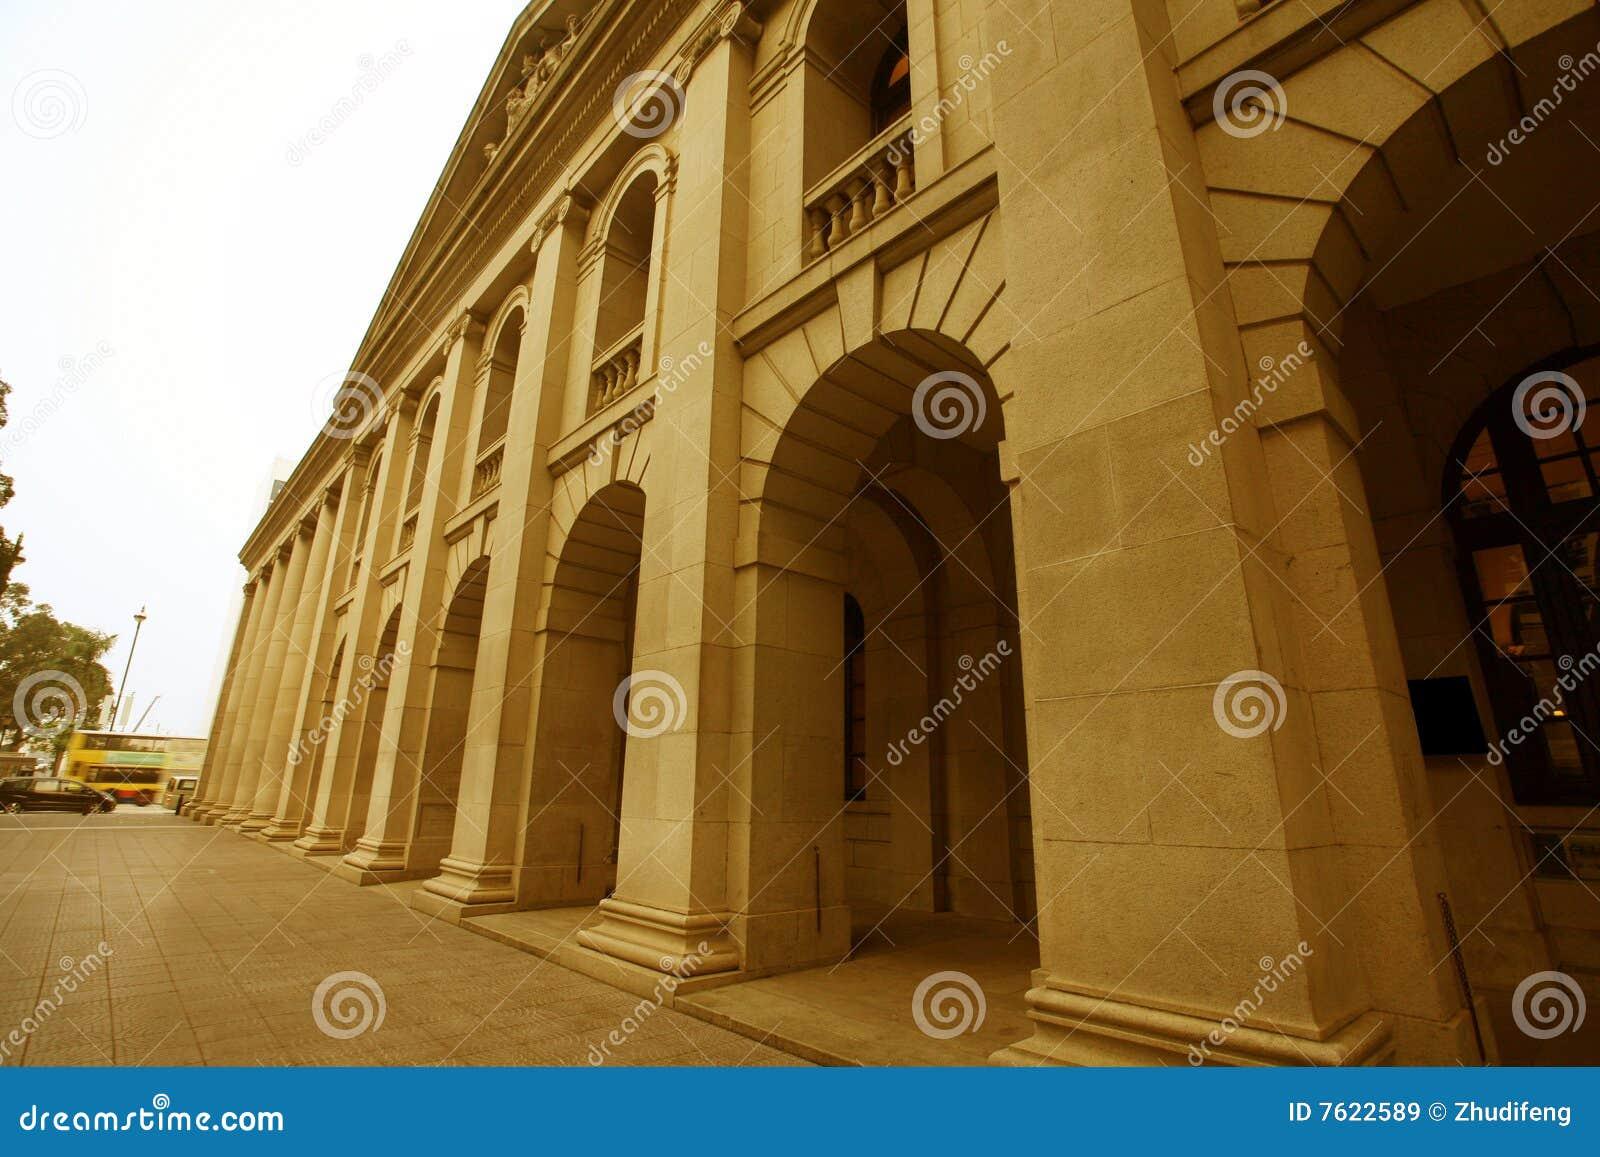 古典接近的柱子